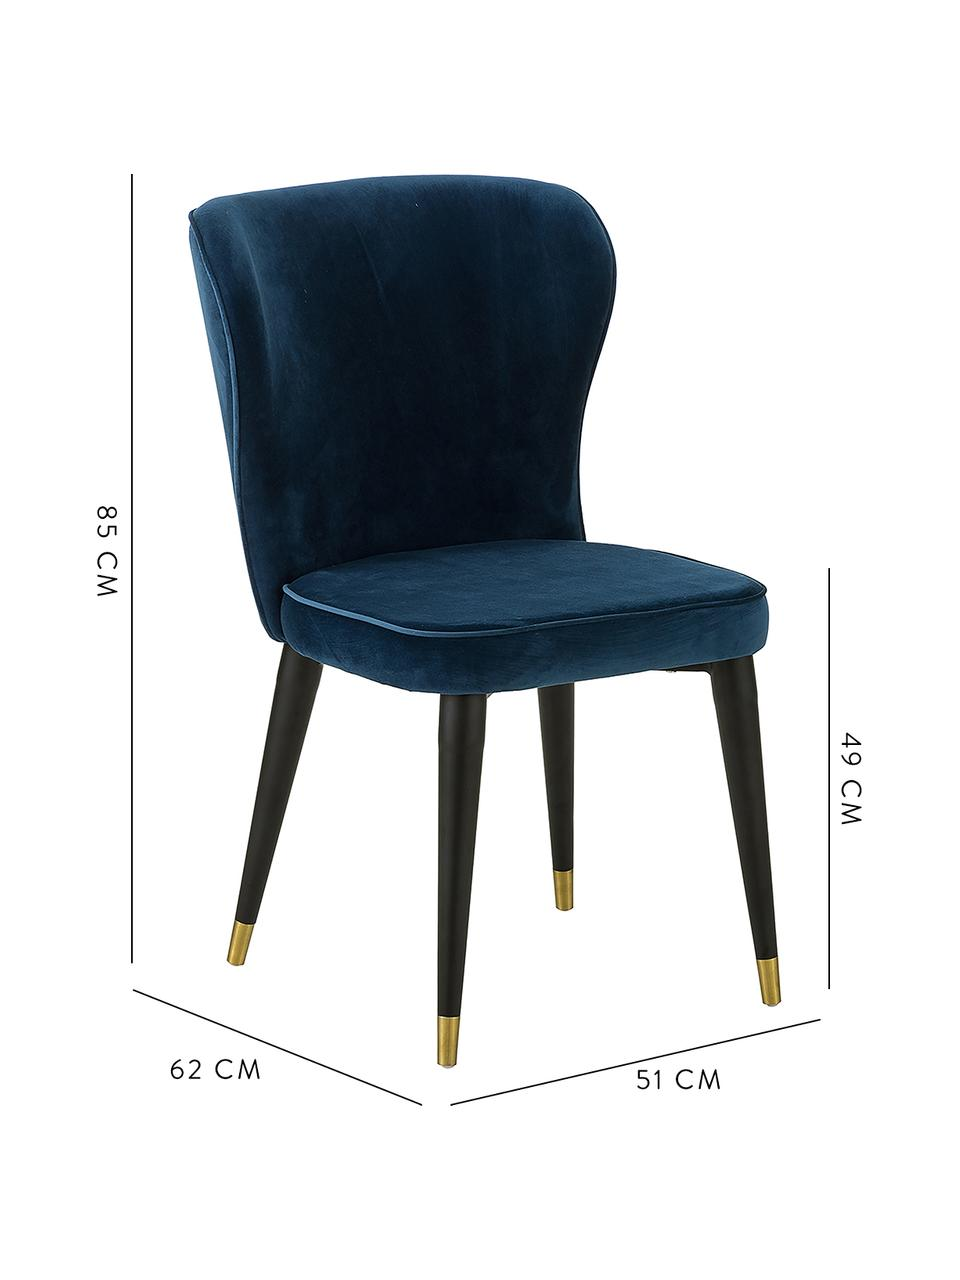 Krzesło tapicerowane z aksamitu Cleo, Tapicerka: aksamit (poliester) Dzięk, Nogi: metal lakierowany, Ciemny niebieski, S 51 x G 62 cm